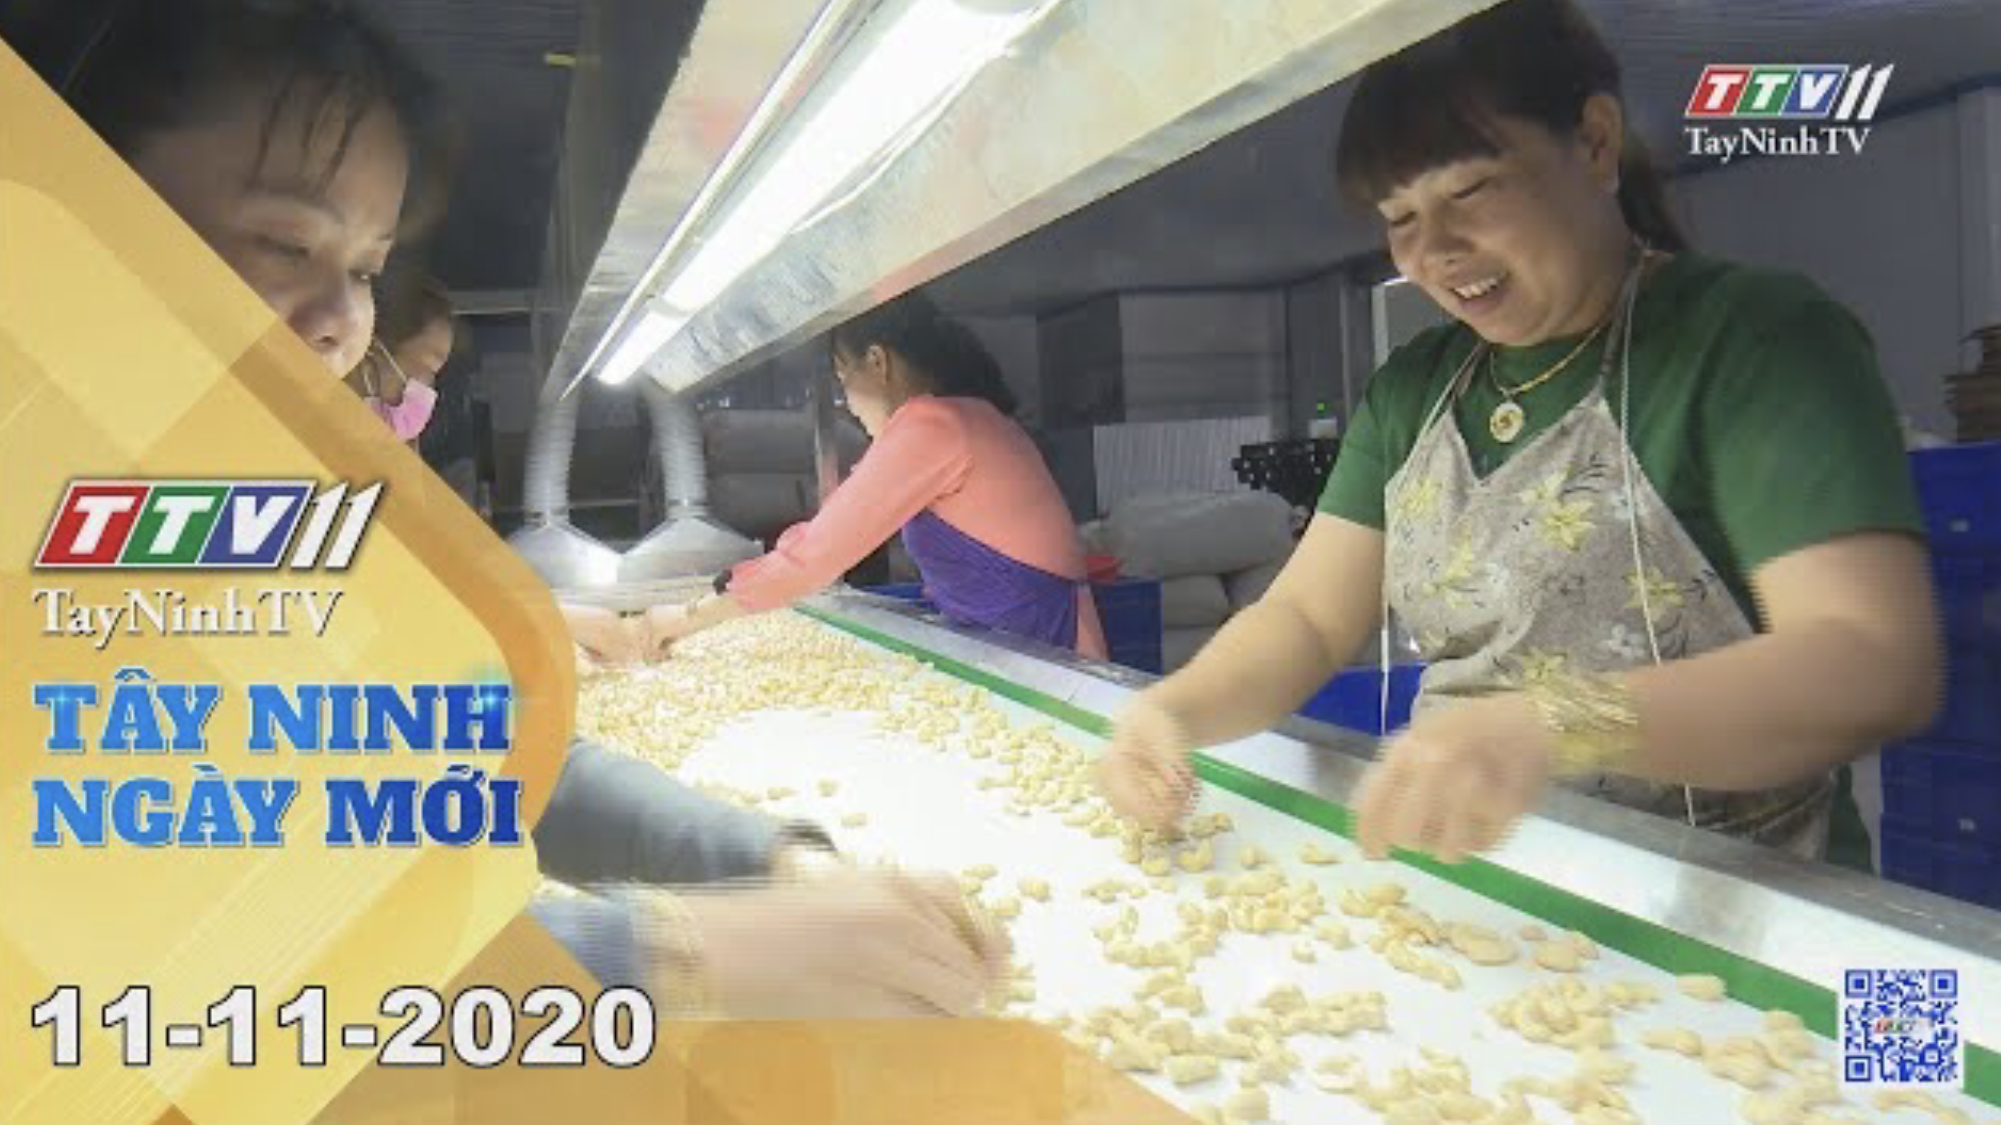 Tây Ninh Ngày Mới 11-11-2020 | Tin tức hôm nay | TayNinhTV